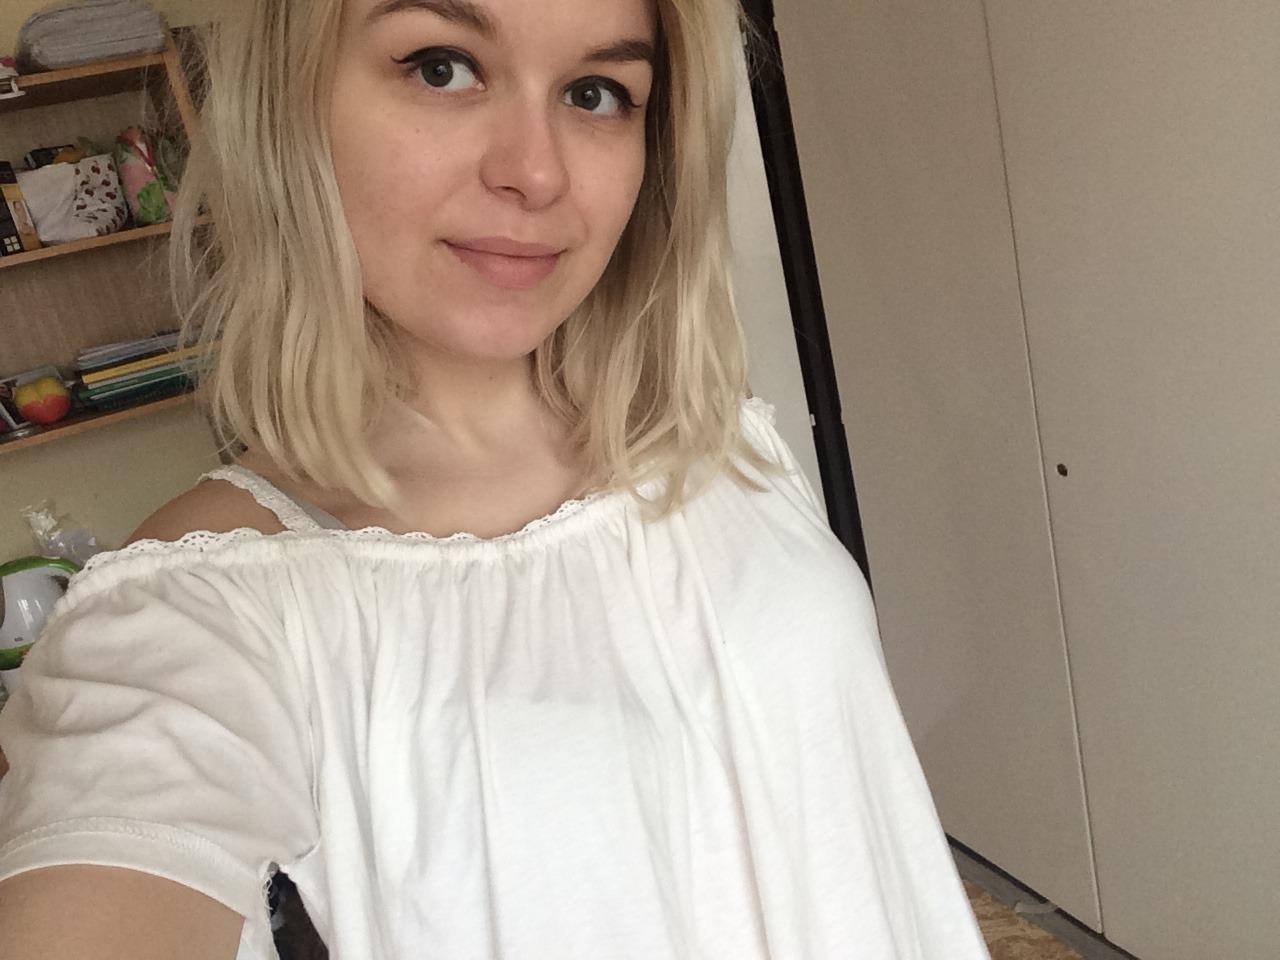 White shoulder-off blouse